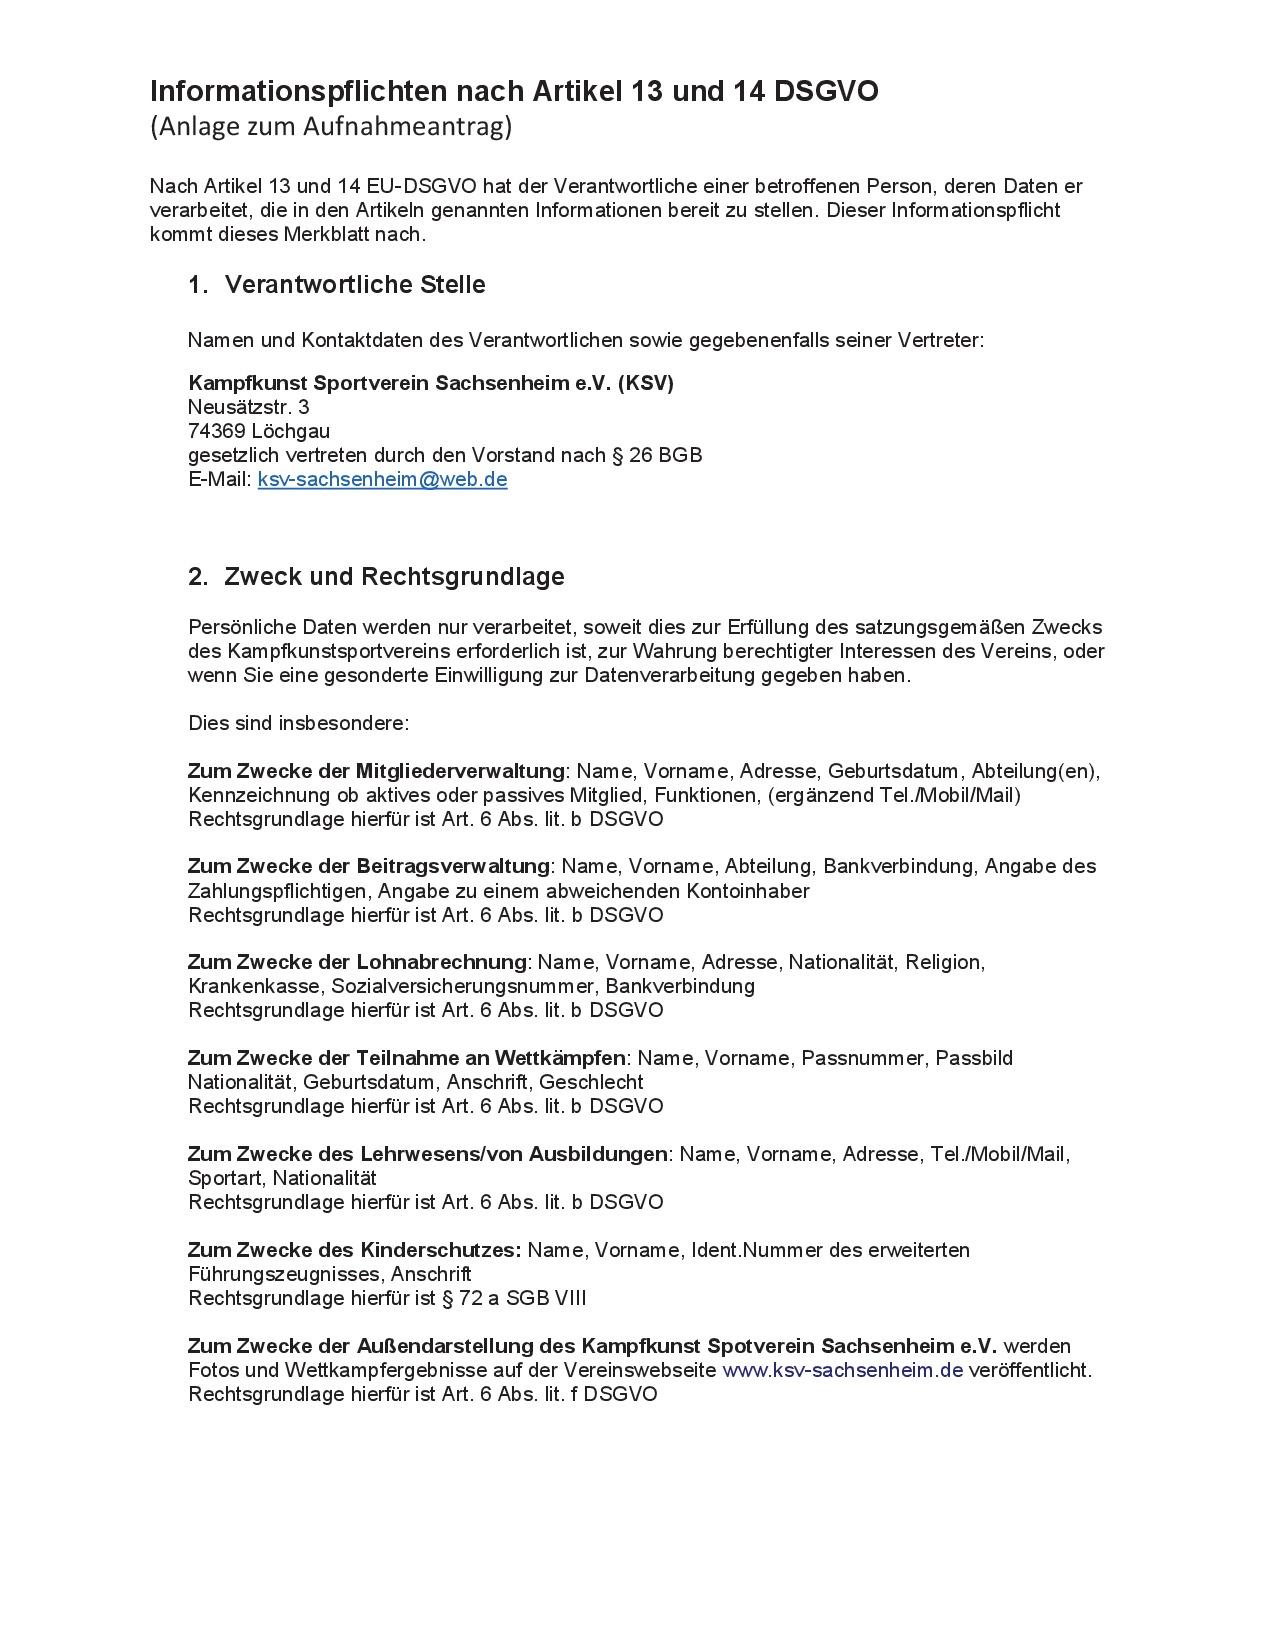 Datenschutz Seite 1. Anlage zum Aufnahmeantrag.